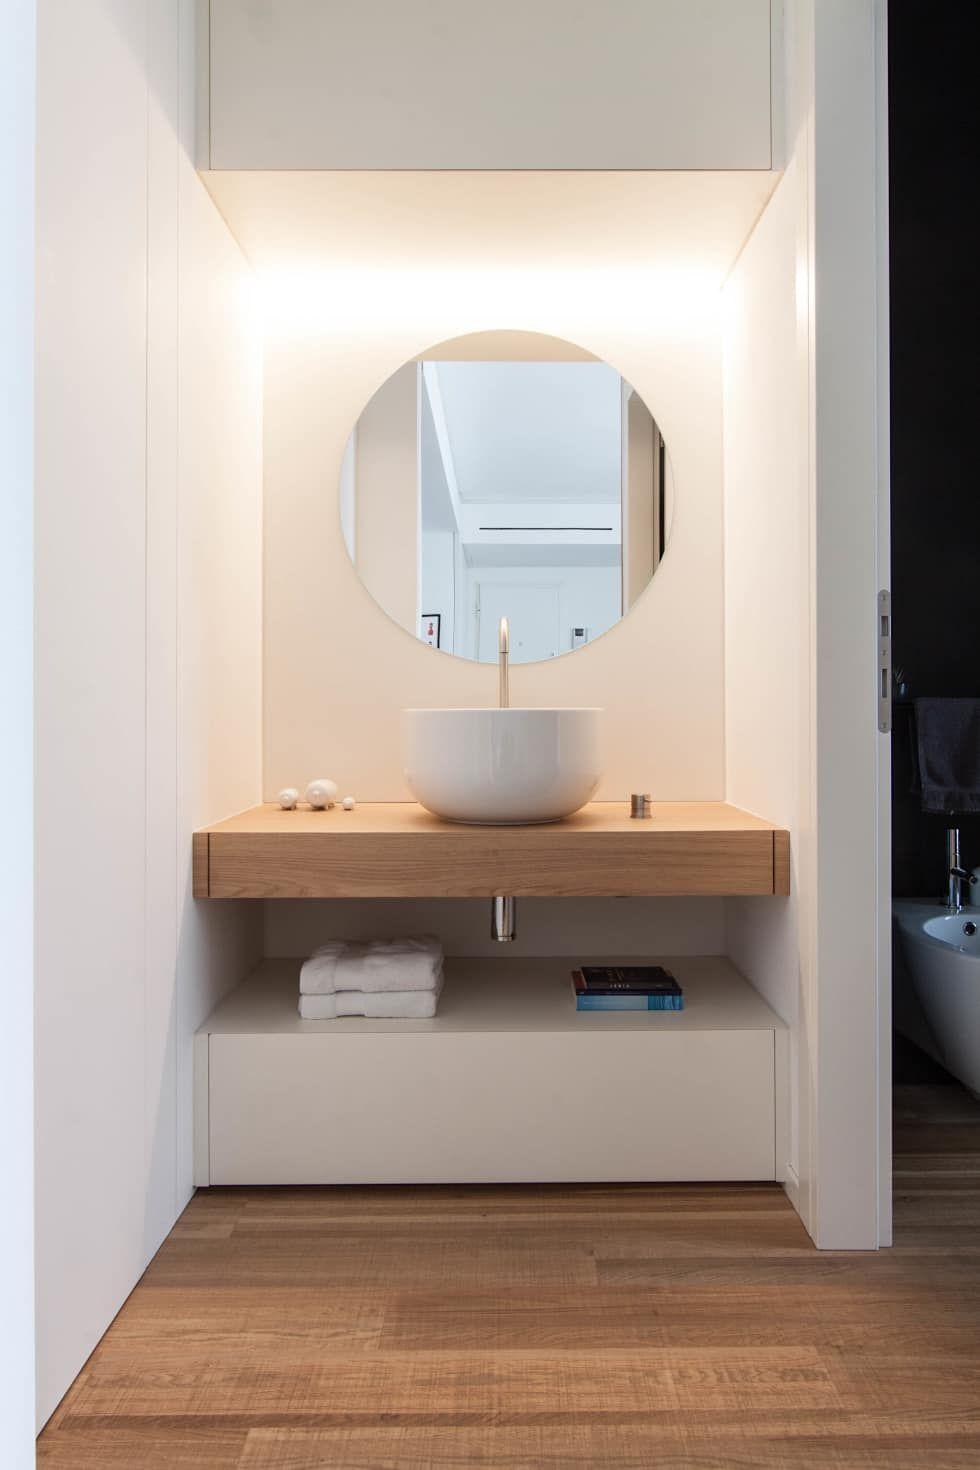 Ikea Arredo Bagno Roma.Bathroom Bagno Minimalista Di Didone Comacchio Architects